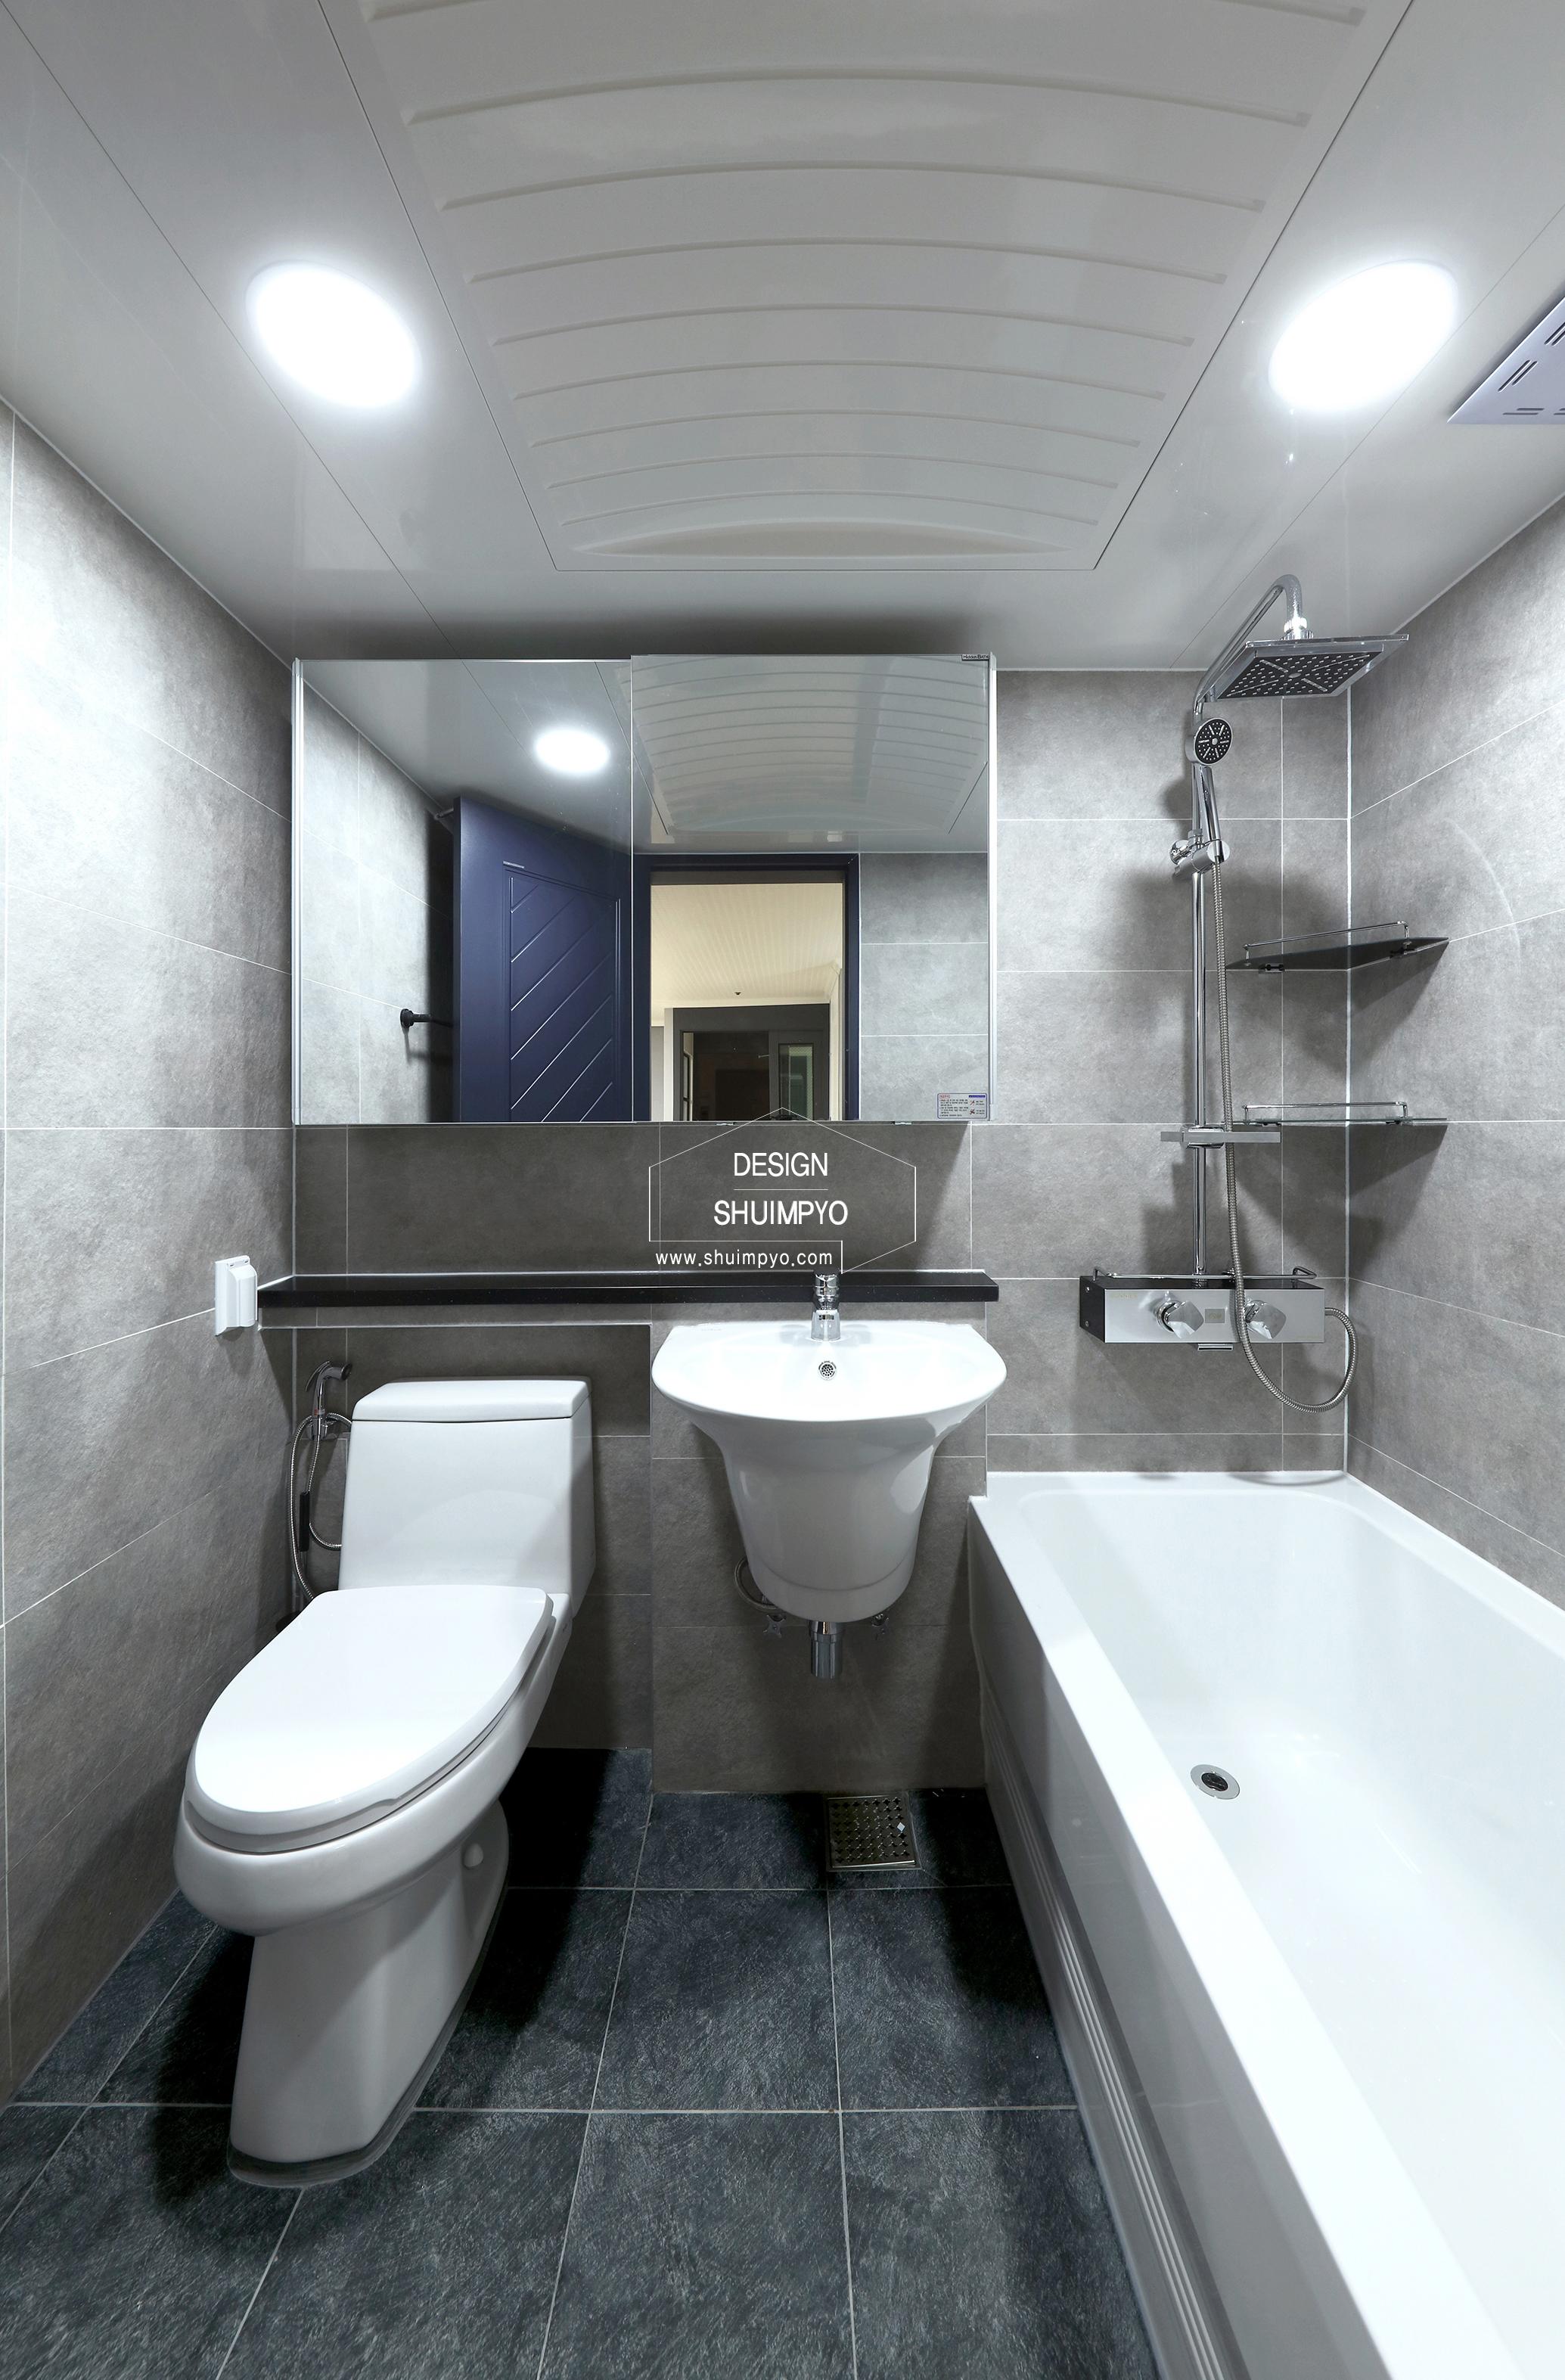 솔거대림 욕실